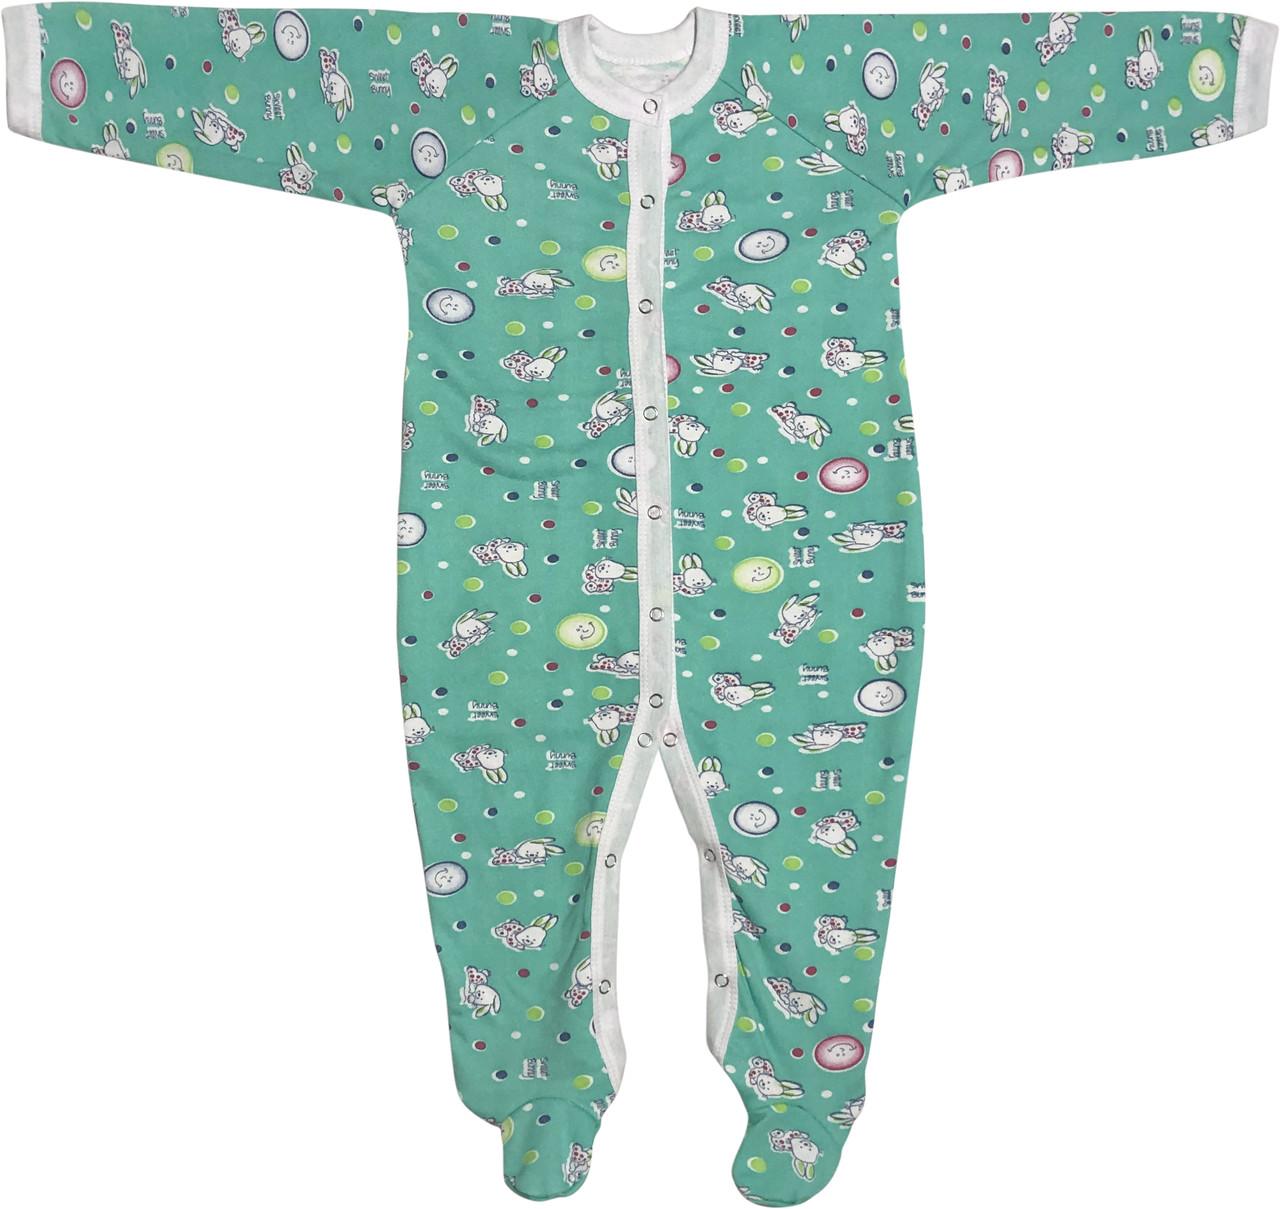 Тёплый человечек слип с начёсом для новорожденных рост 86 1-1,5 года на мальчика девочку хлопковый зелёный